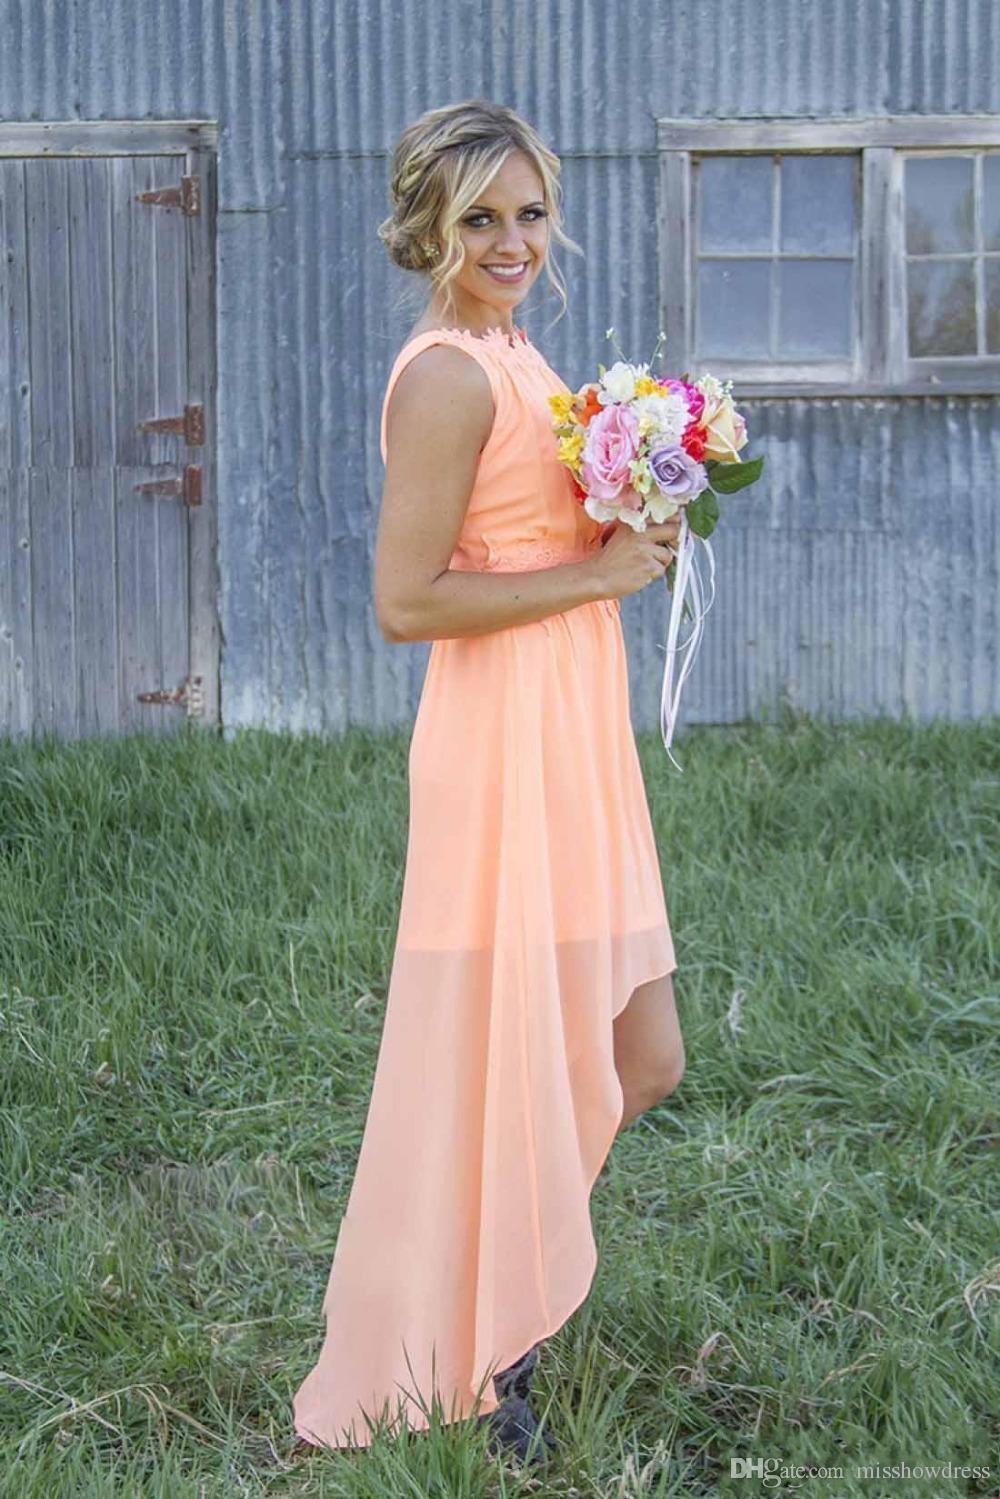 2018 새로운 저렴한 민트 그린 시폰 쉬폰 신부 들러리 드레스 Bateau 등 높은 높은 산호 해변 하녀 드레스의 하녀 결혼식 파티 가운